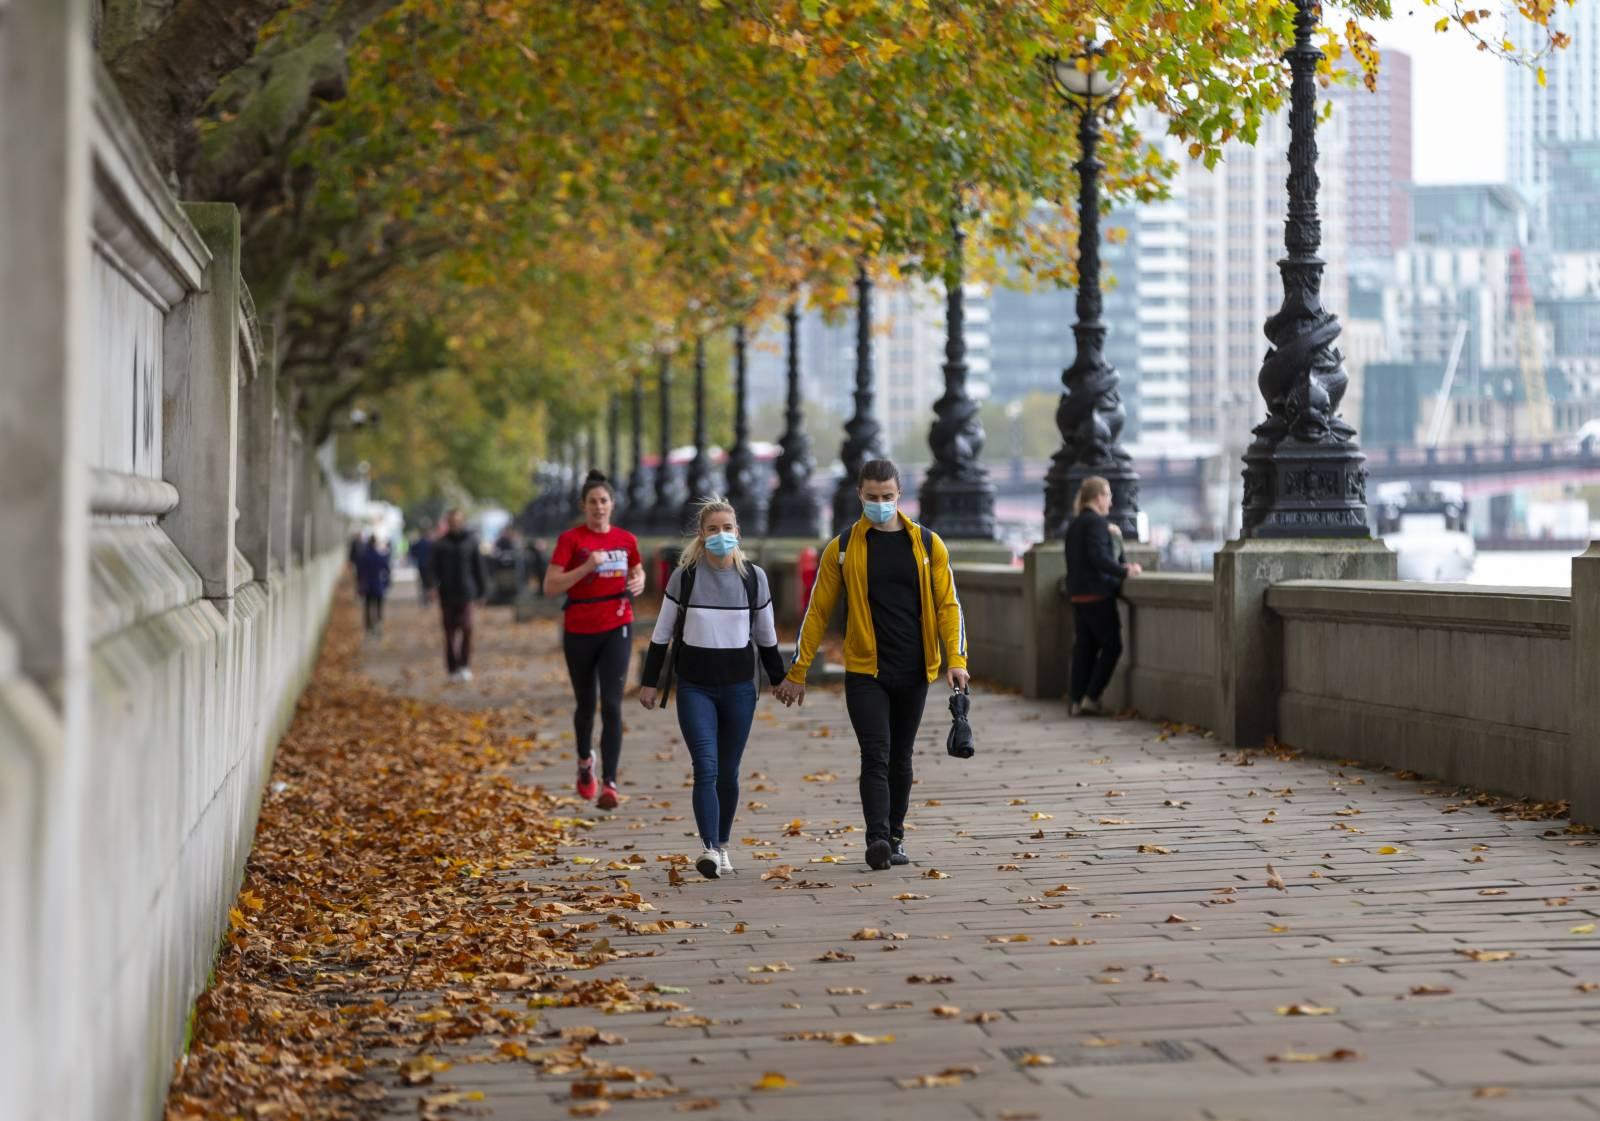 10月28日,戴口罩的人們在英國倫敦泰晤士河畔行走。(新華社)